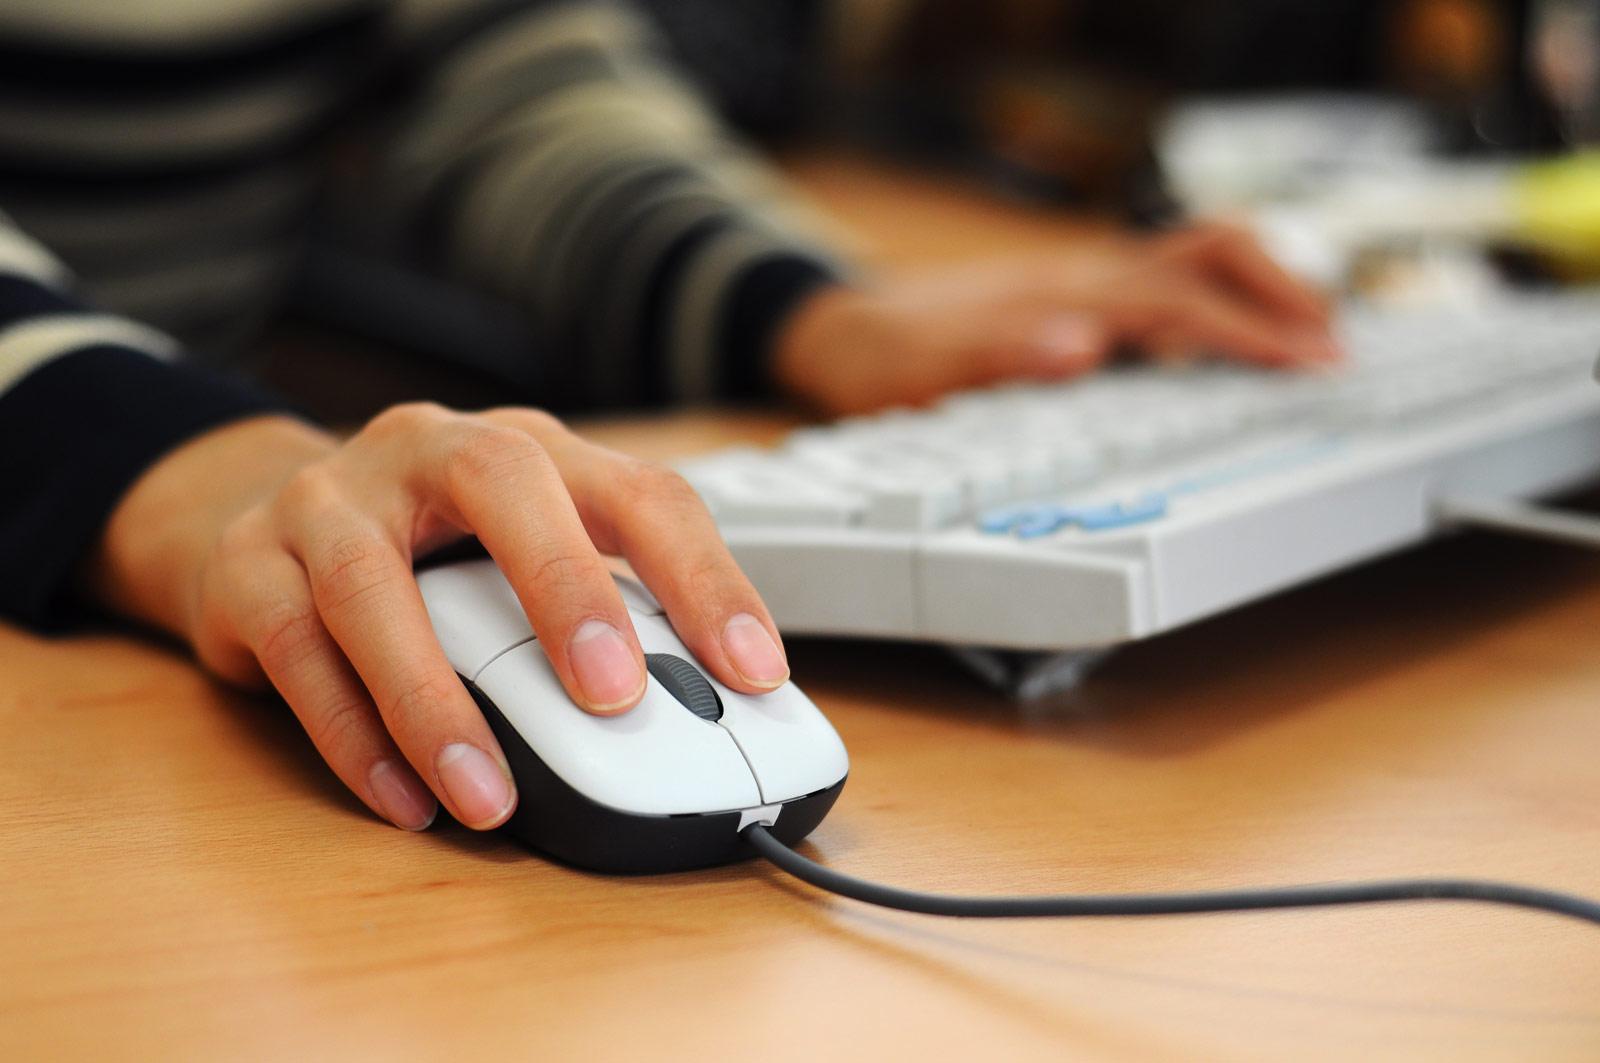 A modalidade da Educação a Distância (EaD) tem-se mostrado como a melhor opção para a clientela que possui pouco tempo (FOTO: Reprodução)